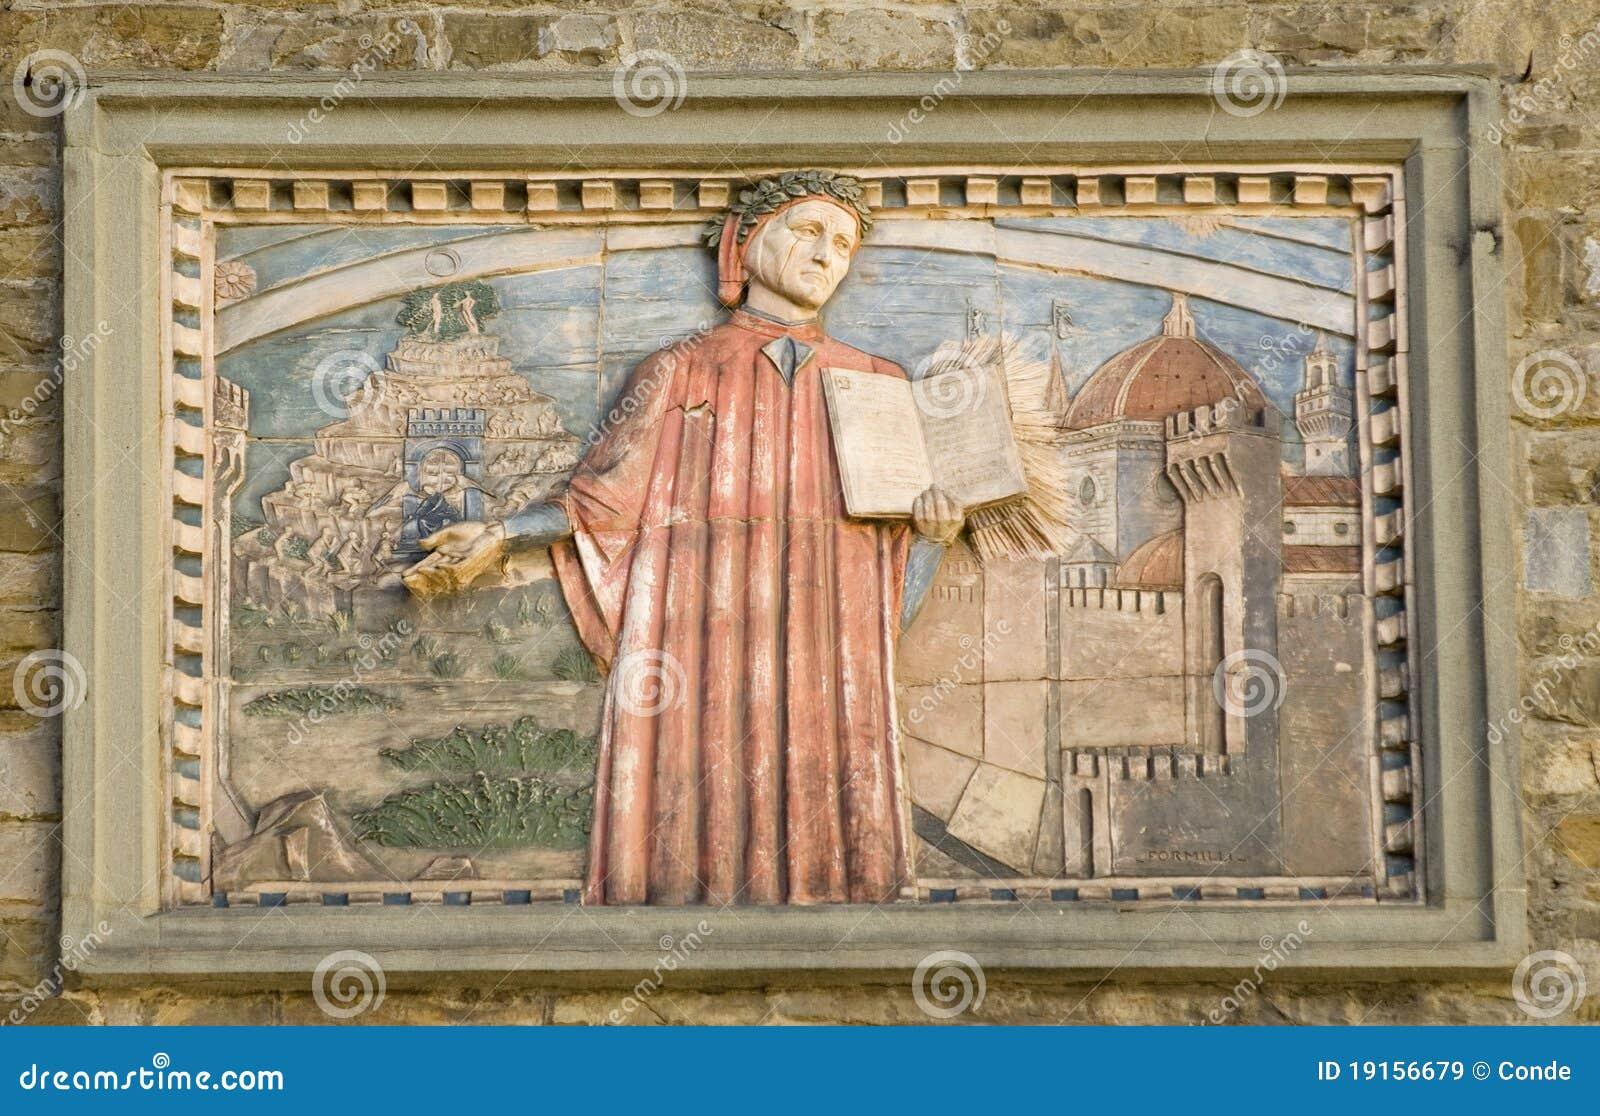 Alighieri van Dante